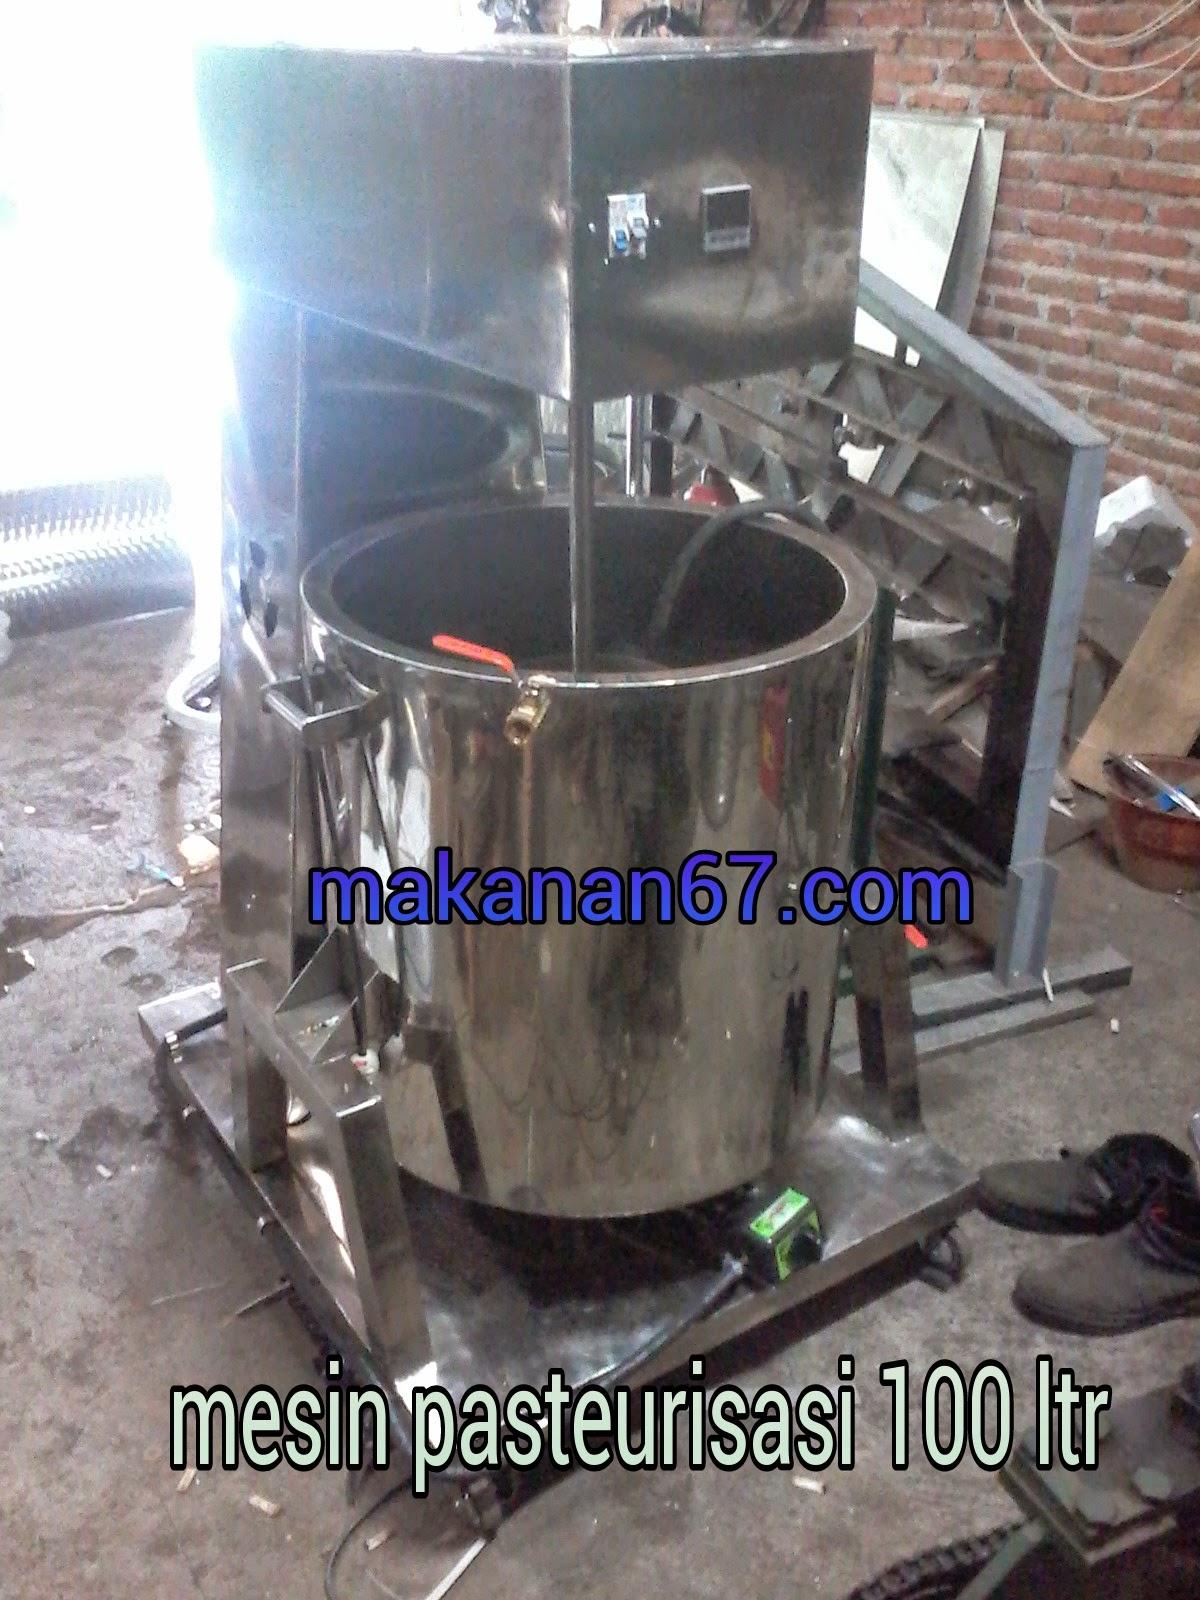 http://mesinpasteurisasi.blogspot.com/